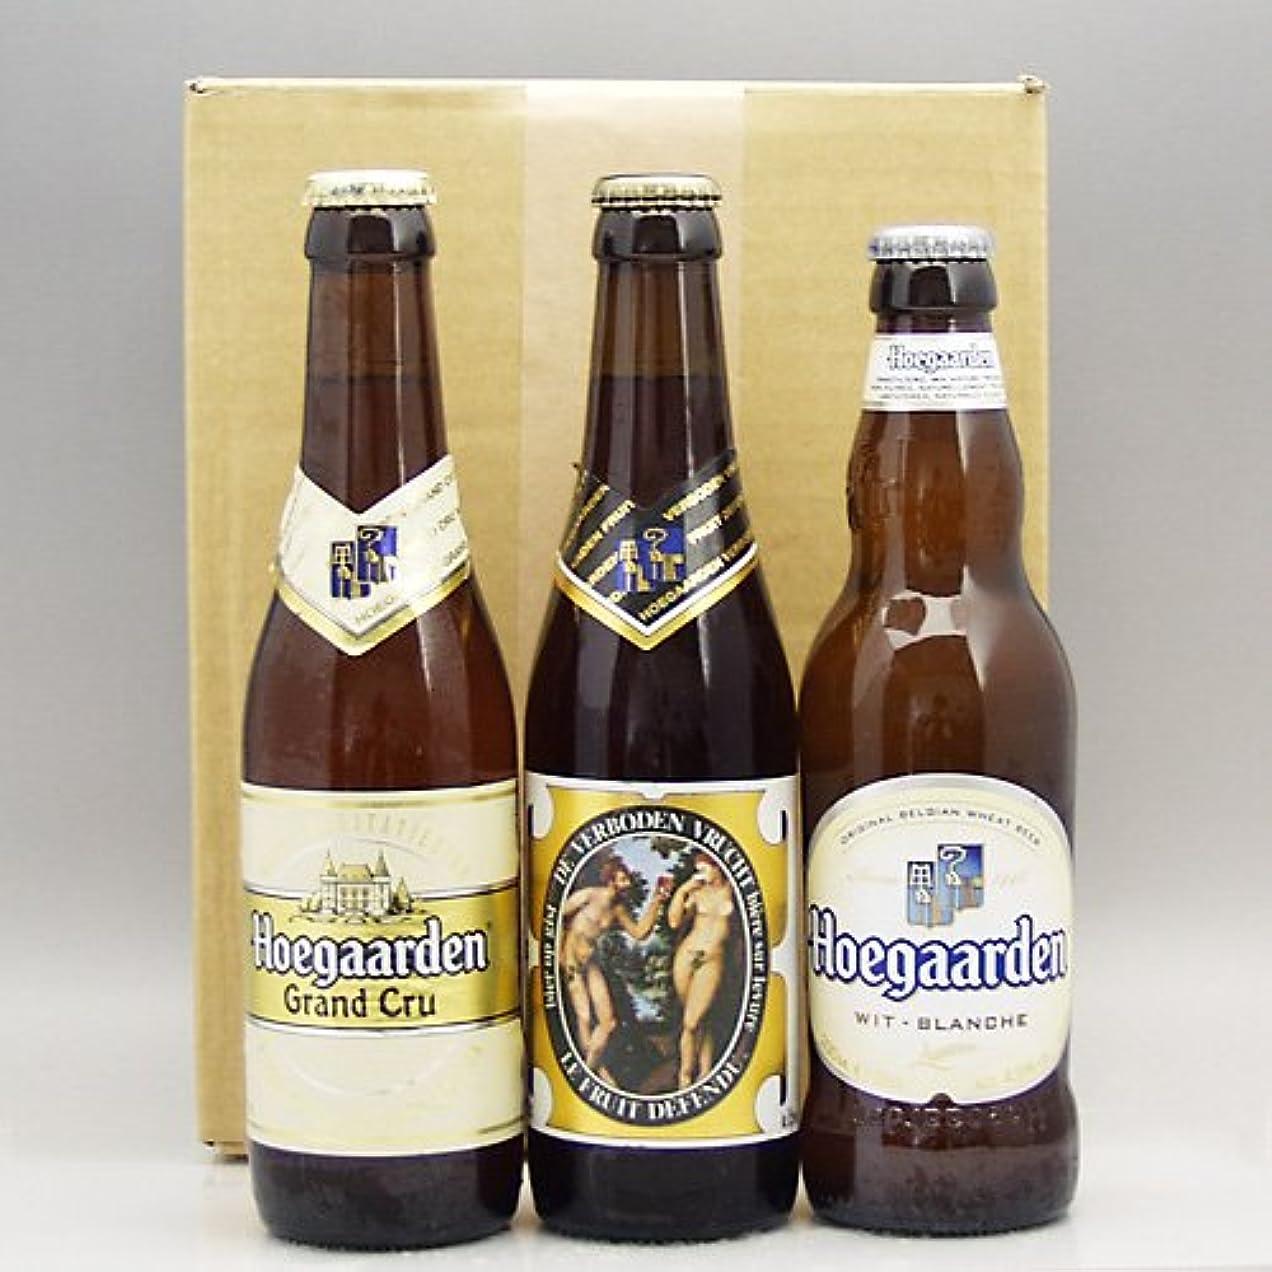 悪夢ステレオサスティーン【即日発送】ベルギービール3種3本y(ヒューガルデン ホワイト?禁断の果実?ヒューガルデン グランクリュ)飲み比べセット (通常ギフト)